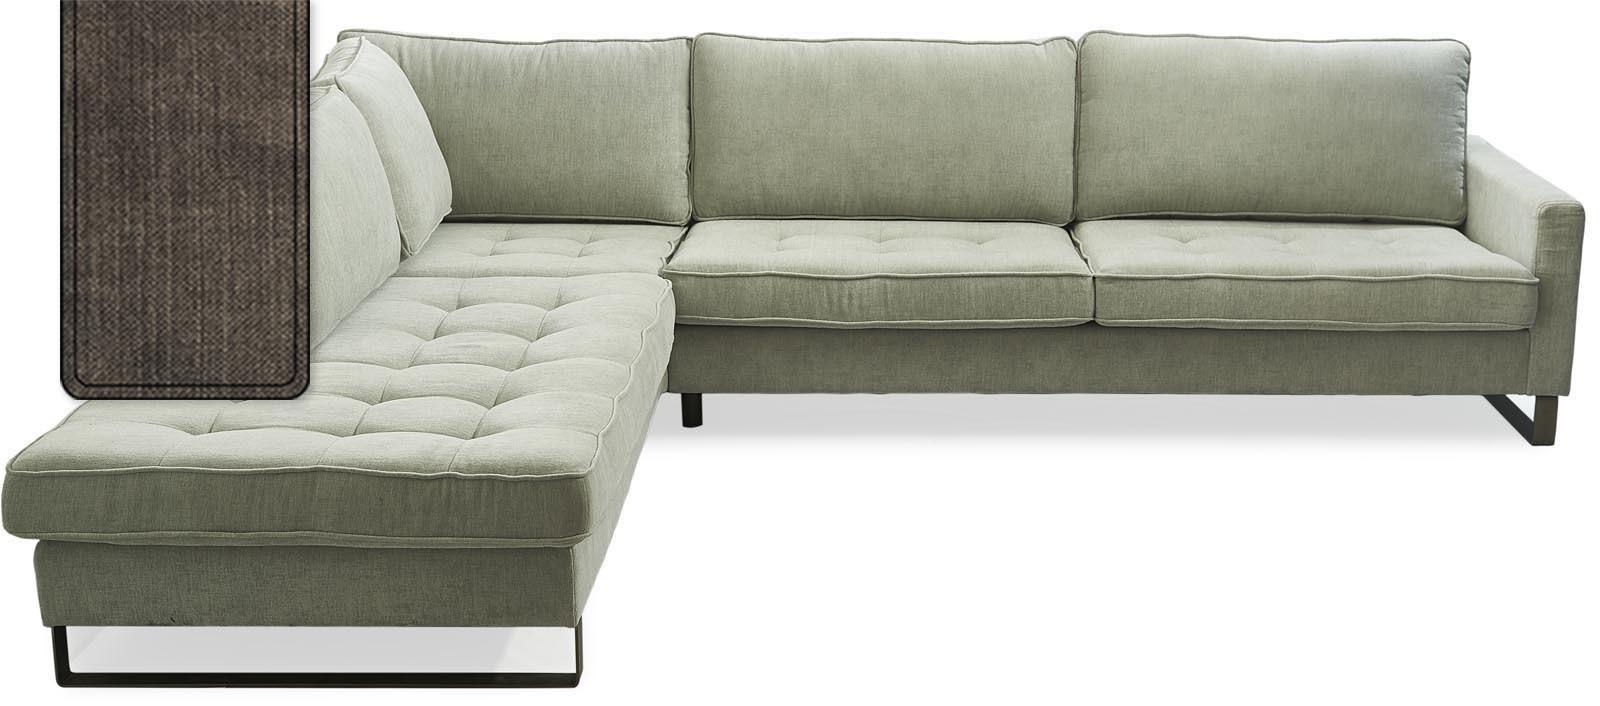 West Houston Corner Sofa Chaise Longue Left Cotton Brown / Rivièra Maison